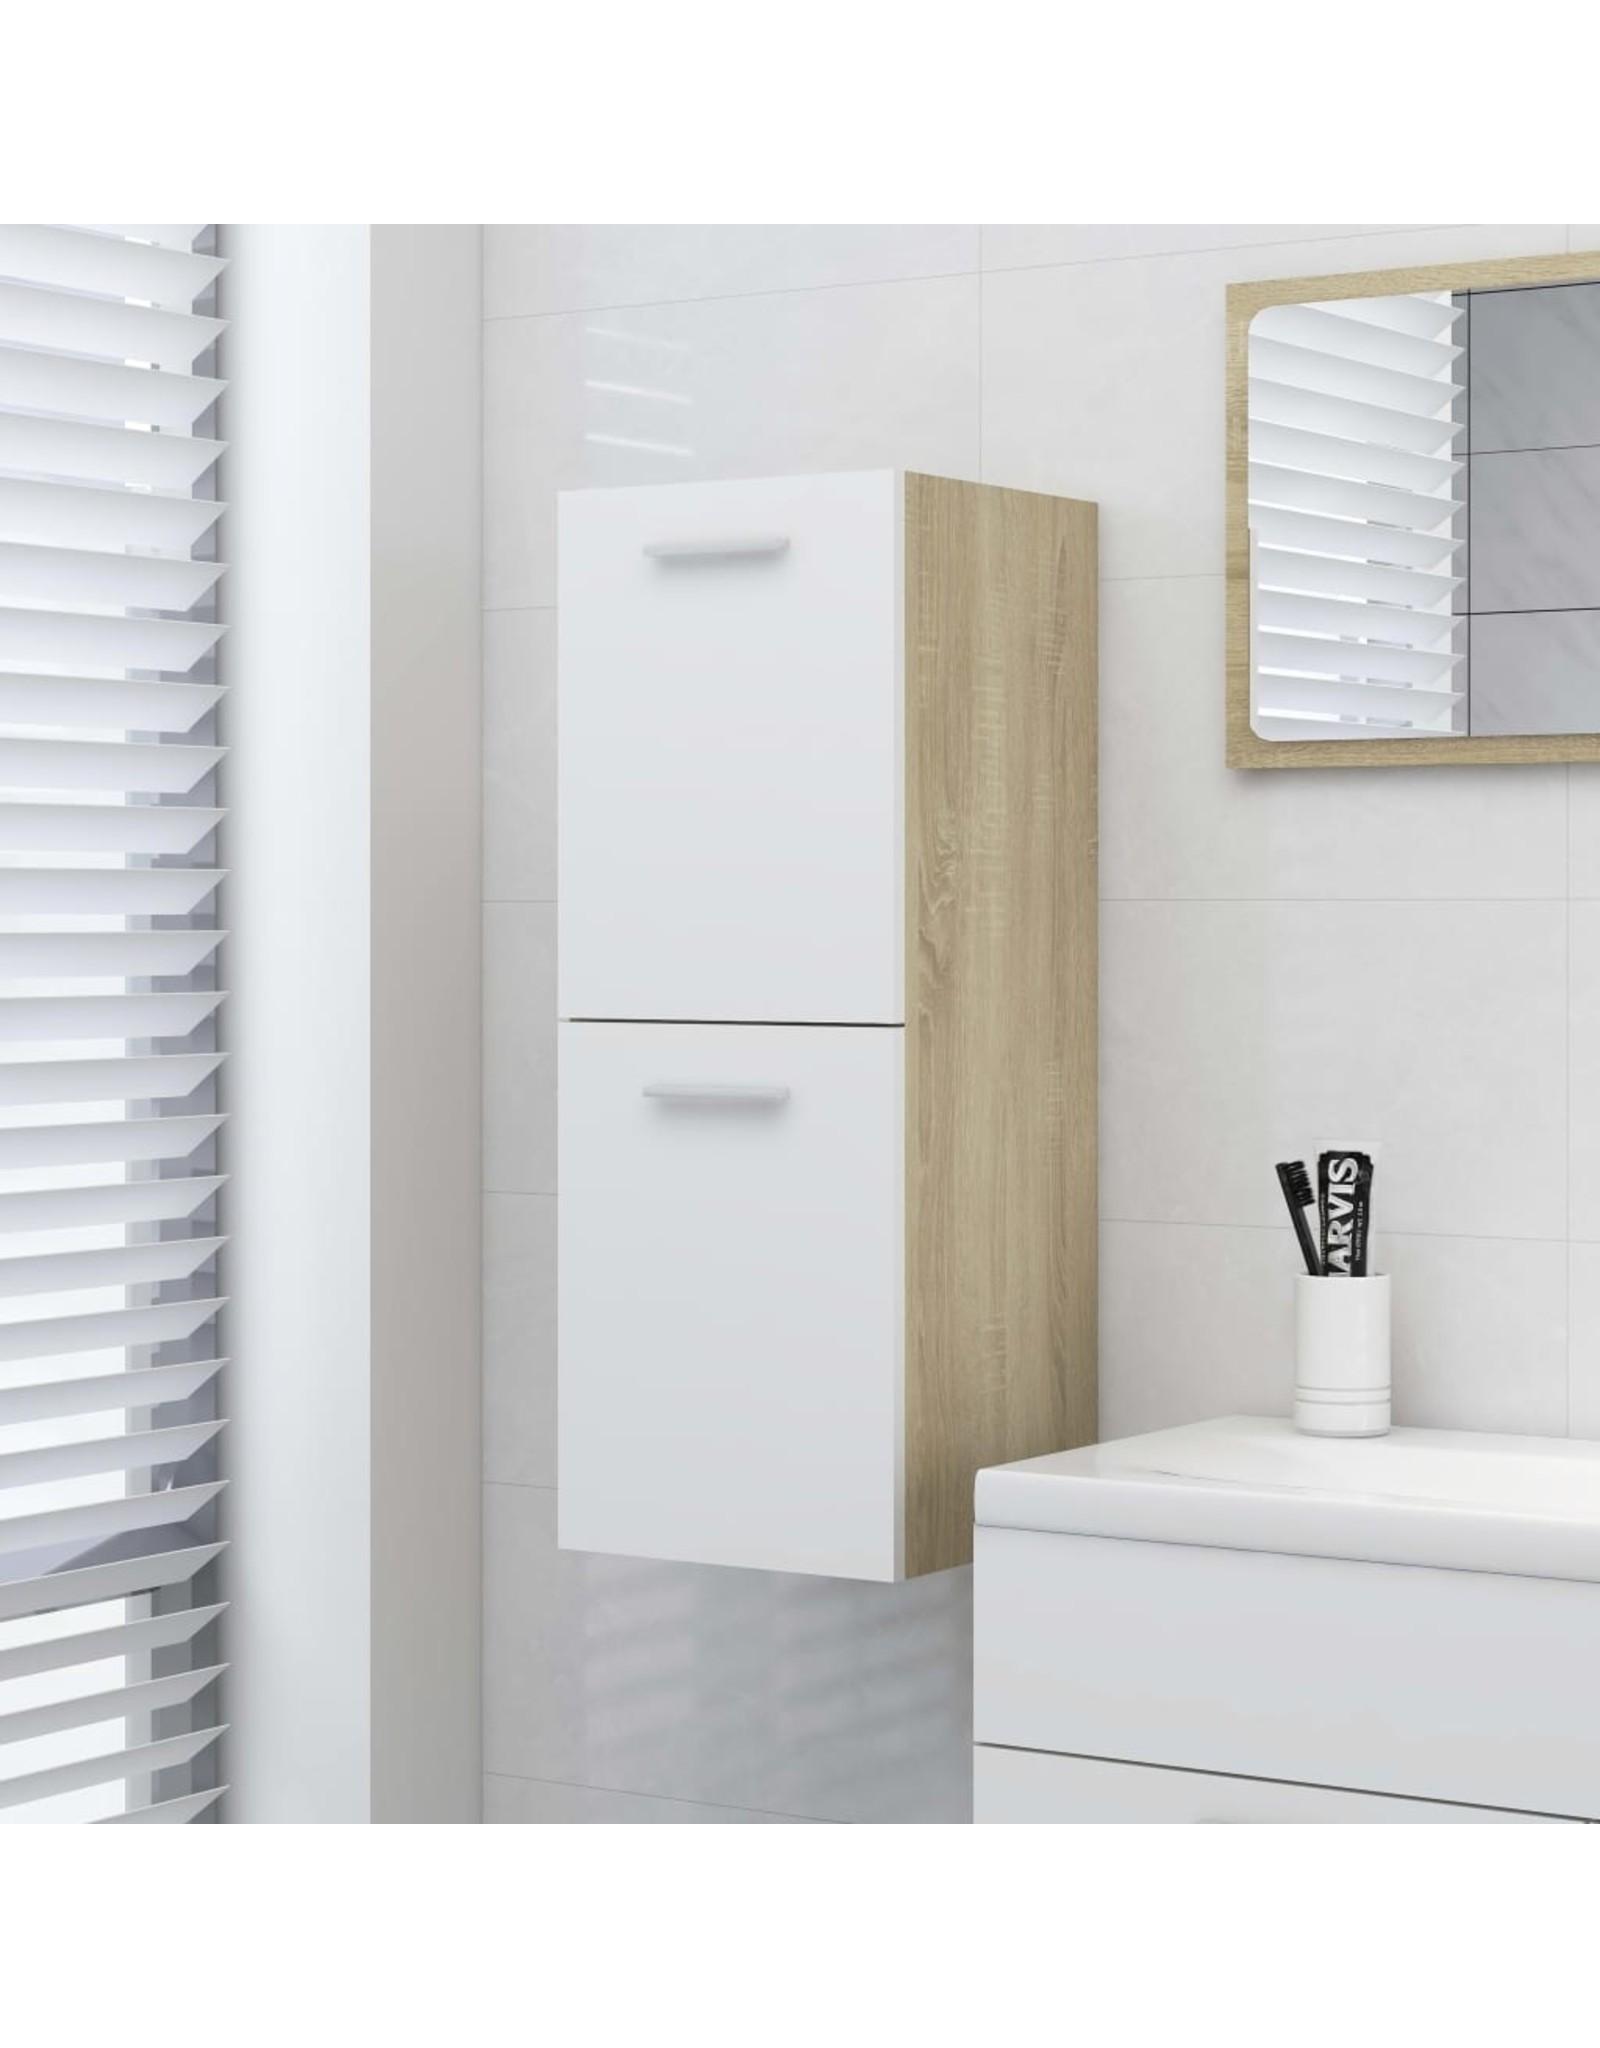 Badkamerkast 30x30x80 cm spaanplaat wit en sonoma eikenkleurig